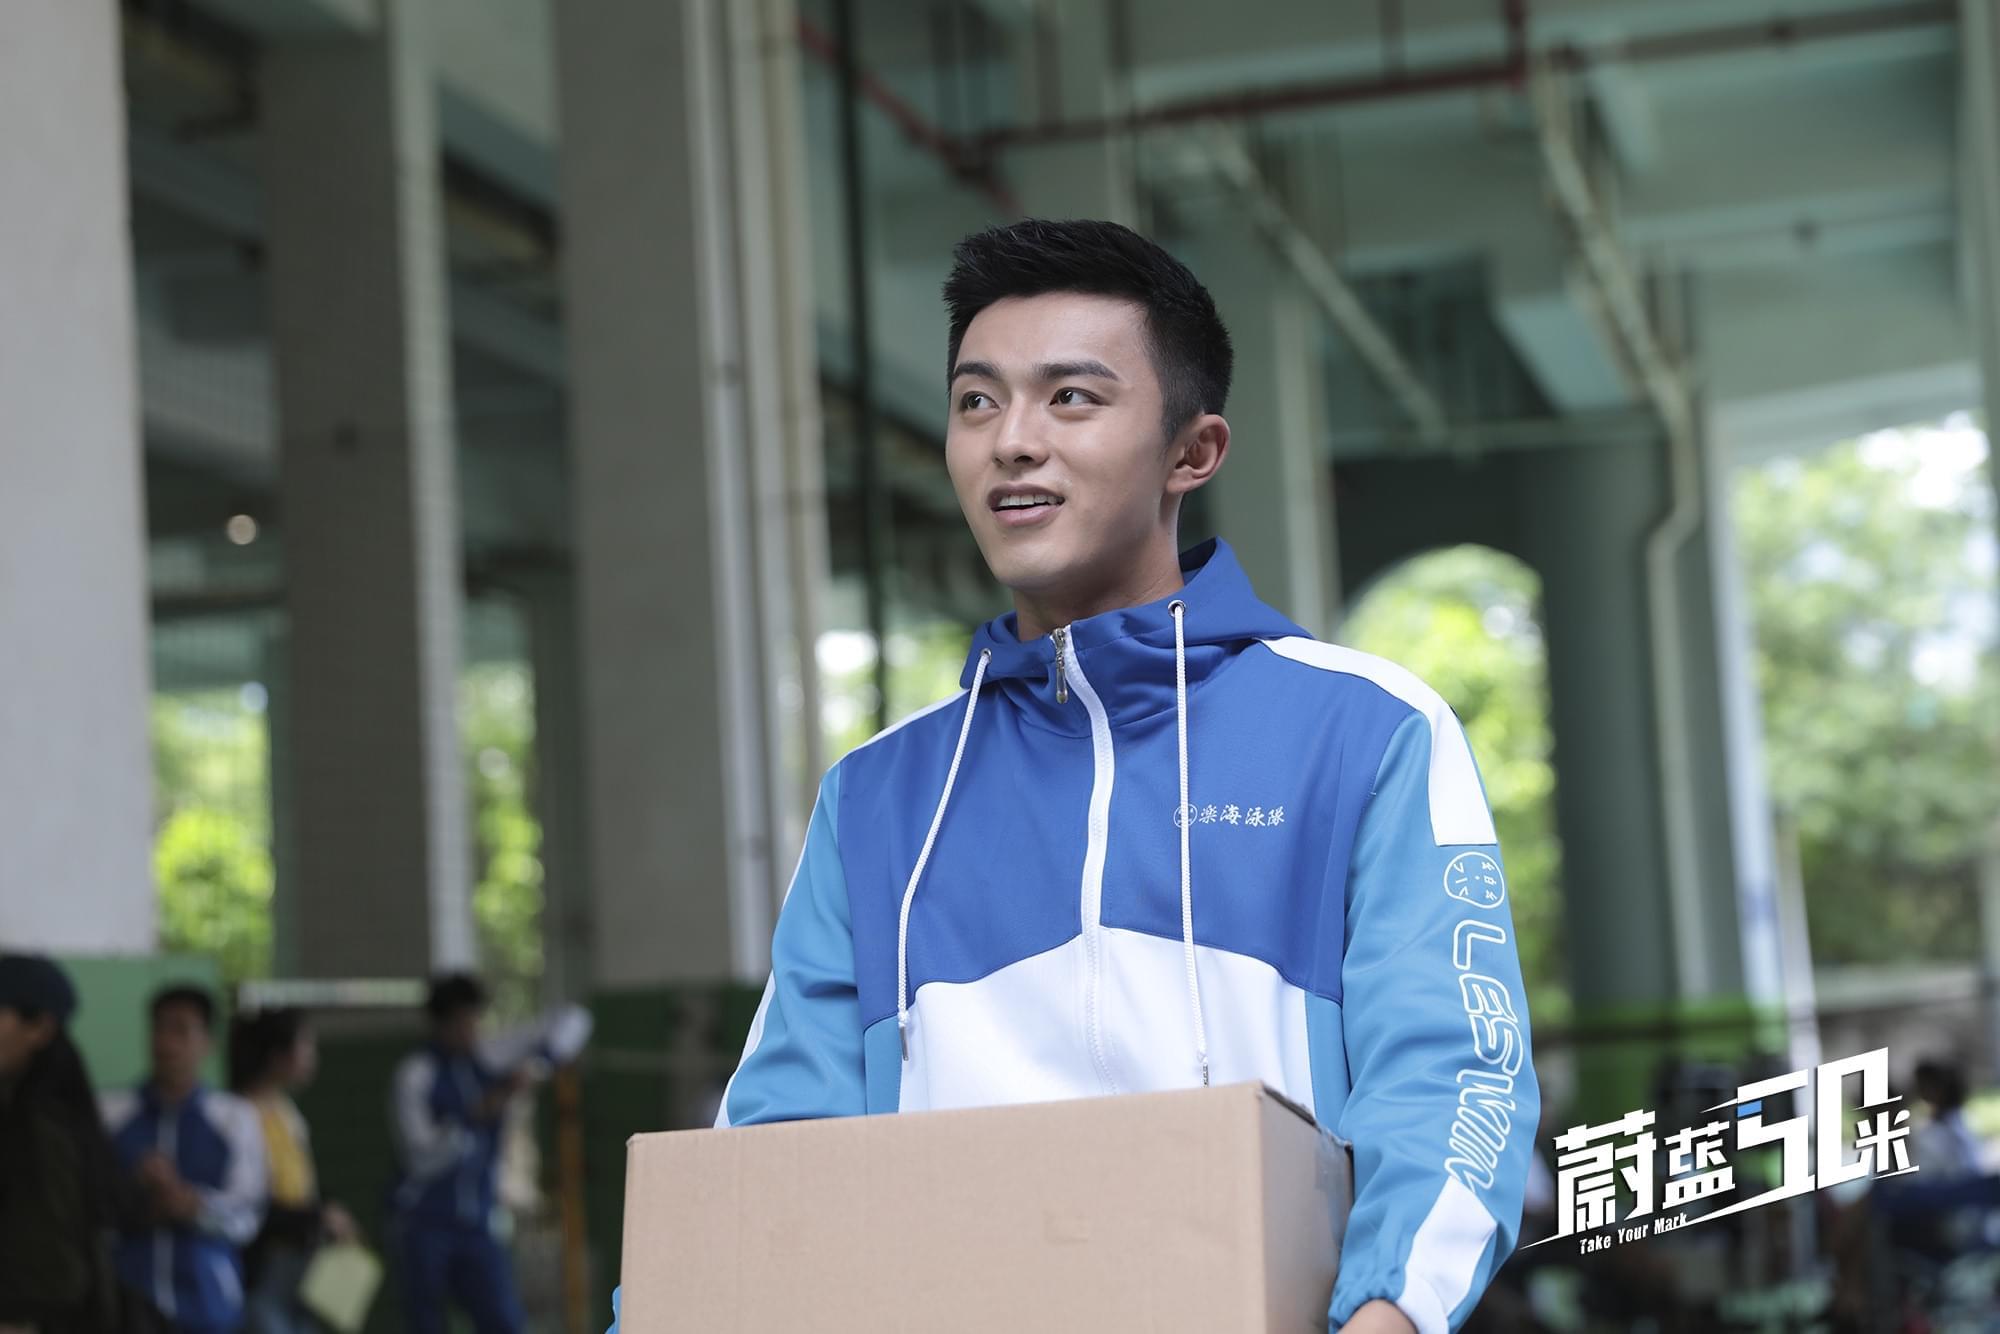 《蔚蓝50米》曝泳坛新星花絮  徐洋惨遭水下折磨